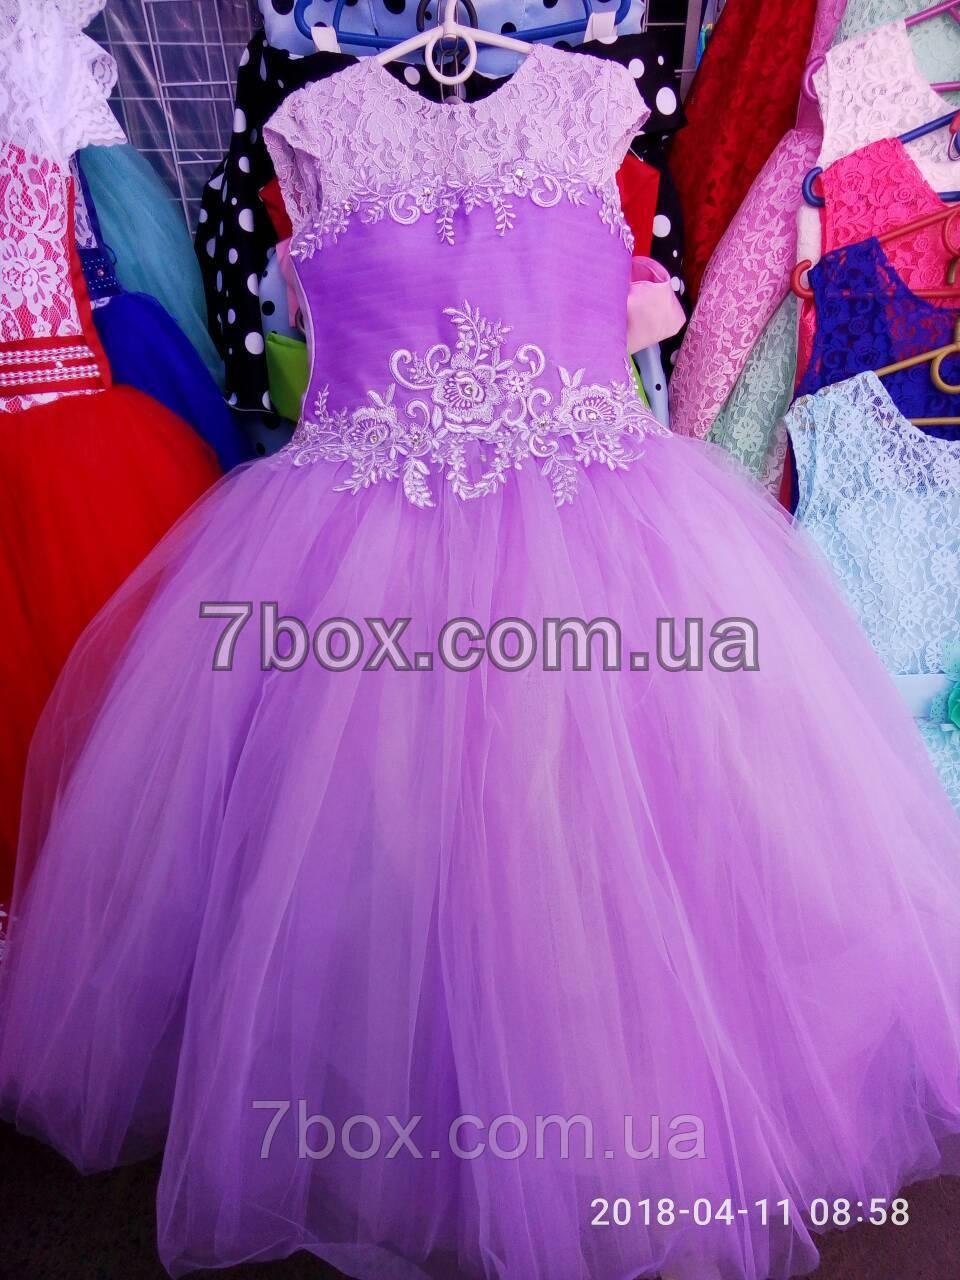 Дитяче бальне плаття Чари. Вік 9-10років. Фіолетове